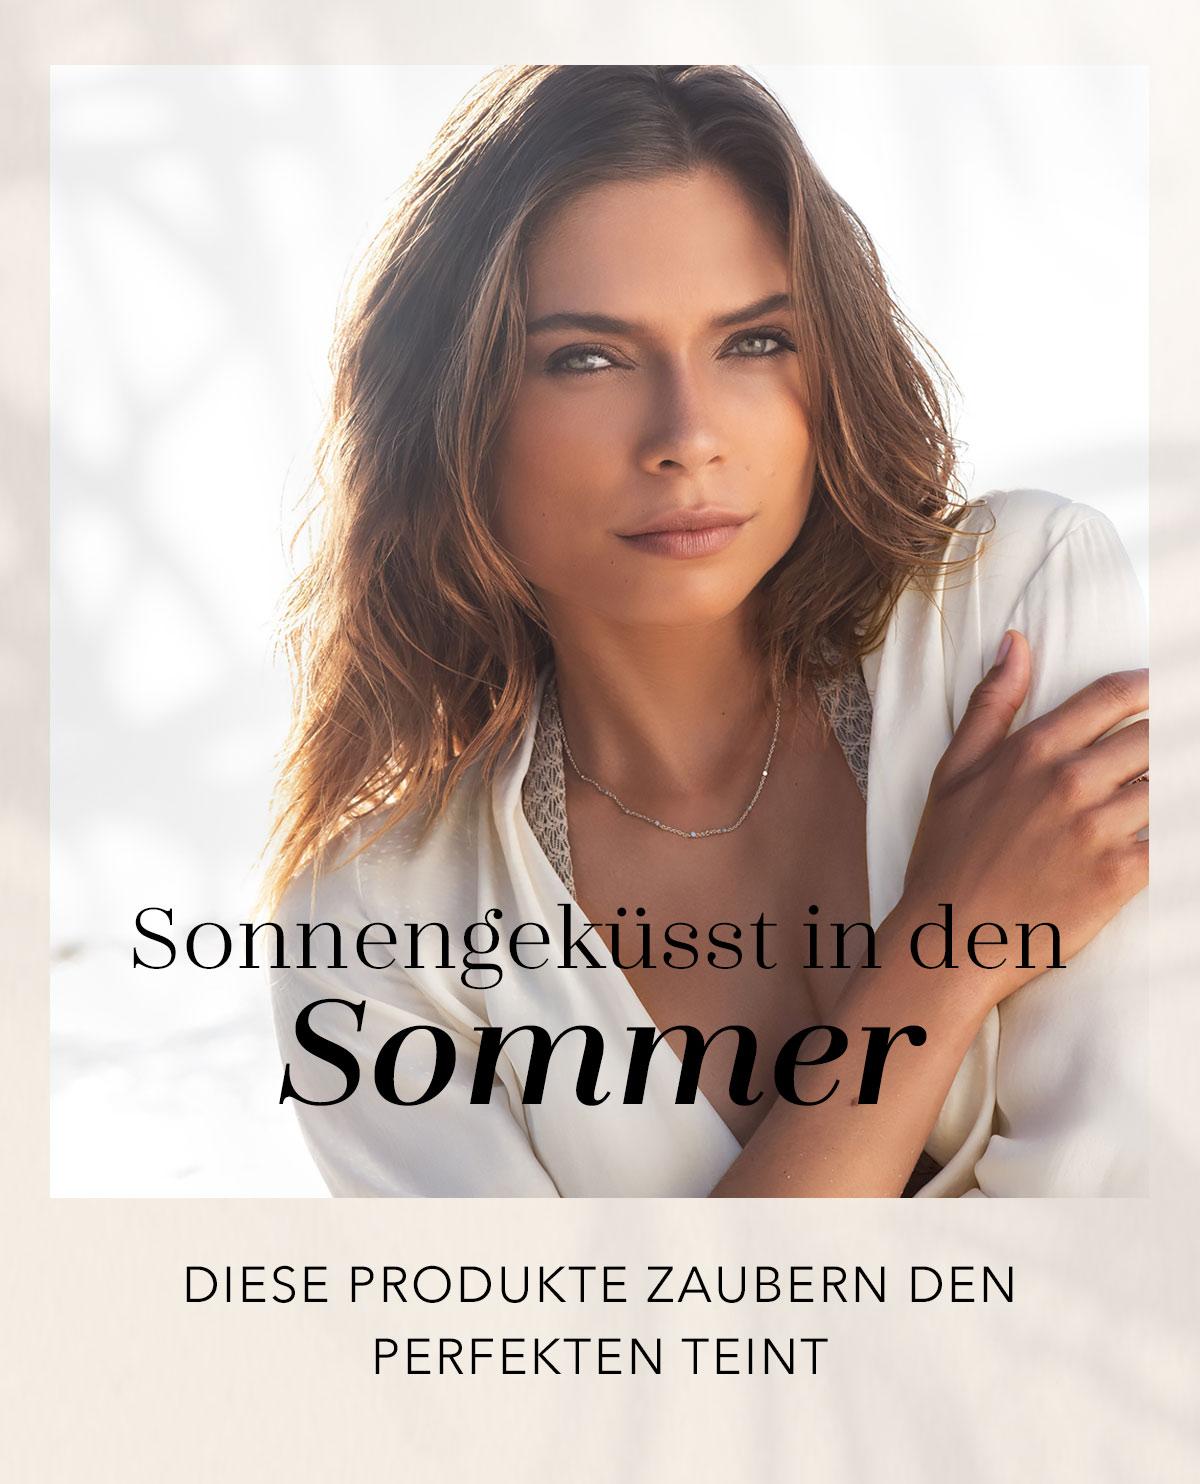 Sonnengeküsst in den Sommer